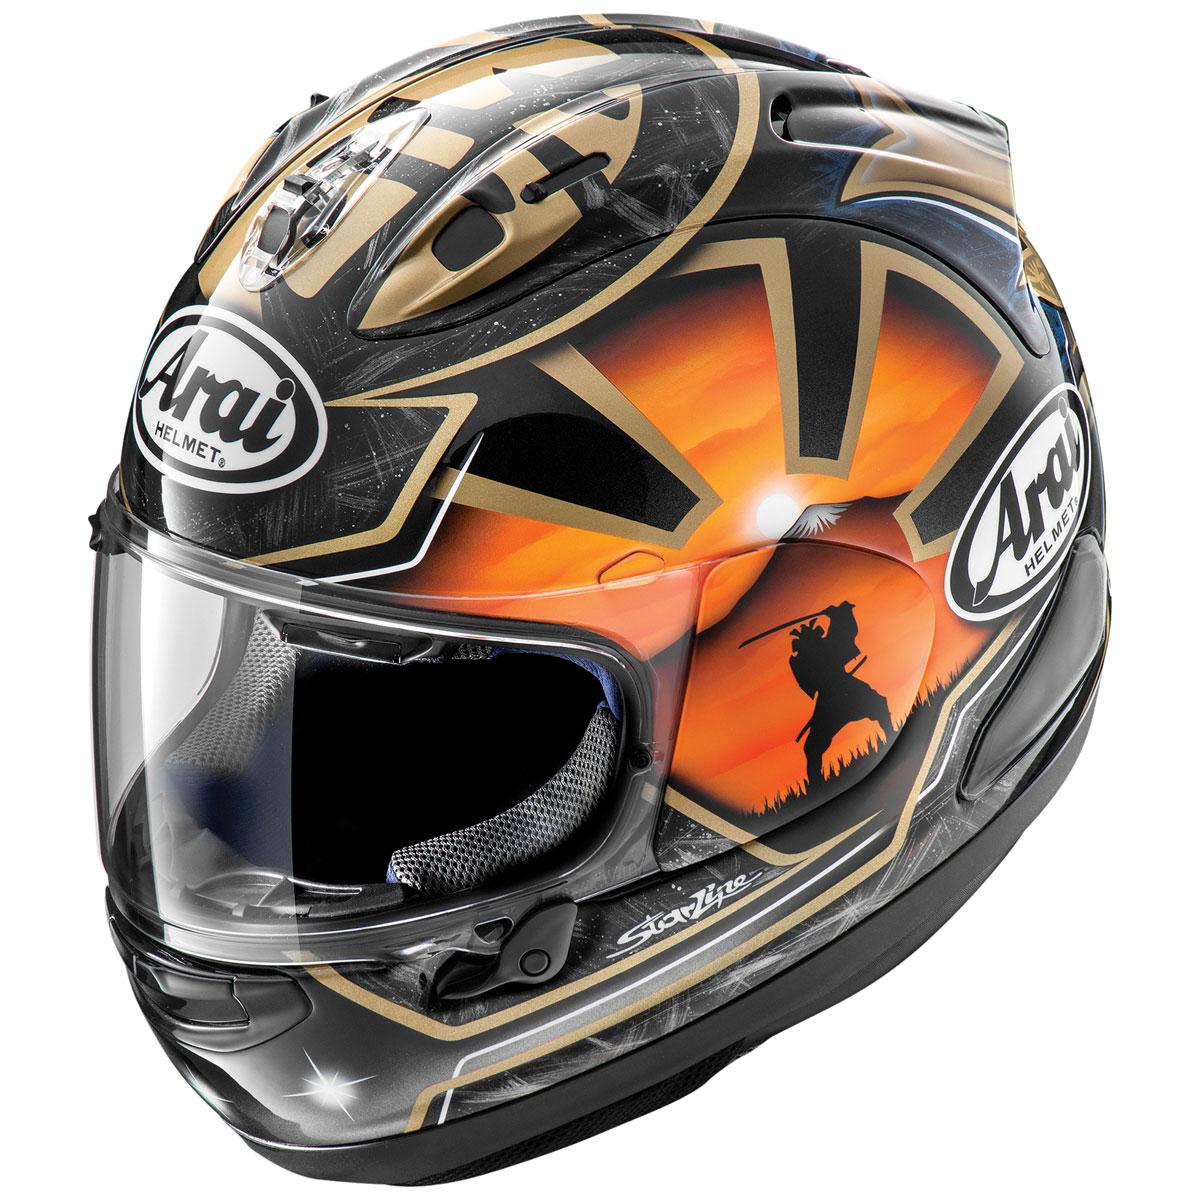 Arai Corsair-X Pedrosa Samurai 2 Black Full Face Helmet